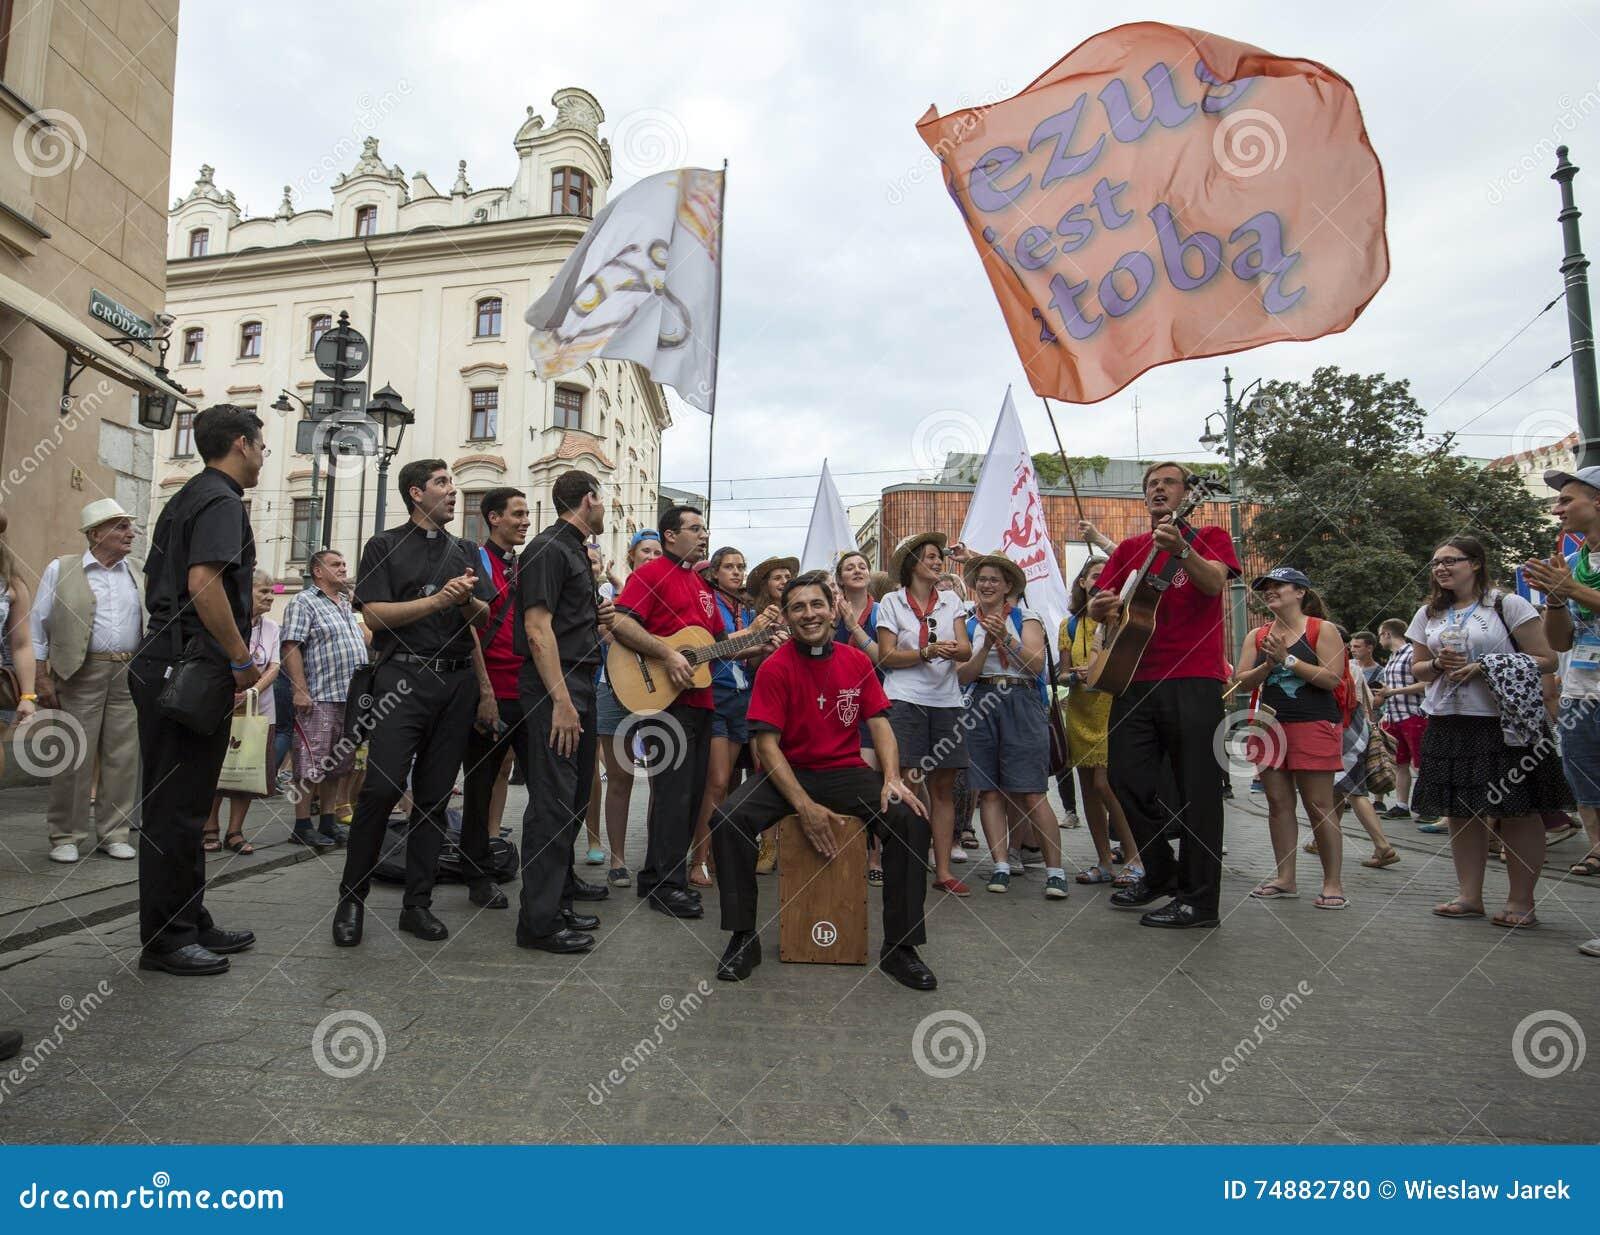 Os peregrinos do dia de juventude de mundo cantam e dançam no quadrado principal em Cracow